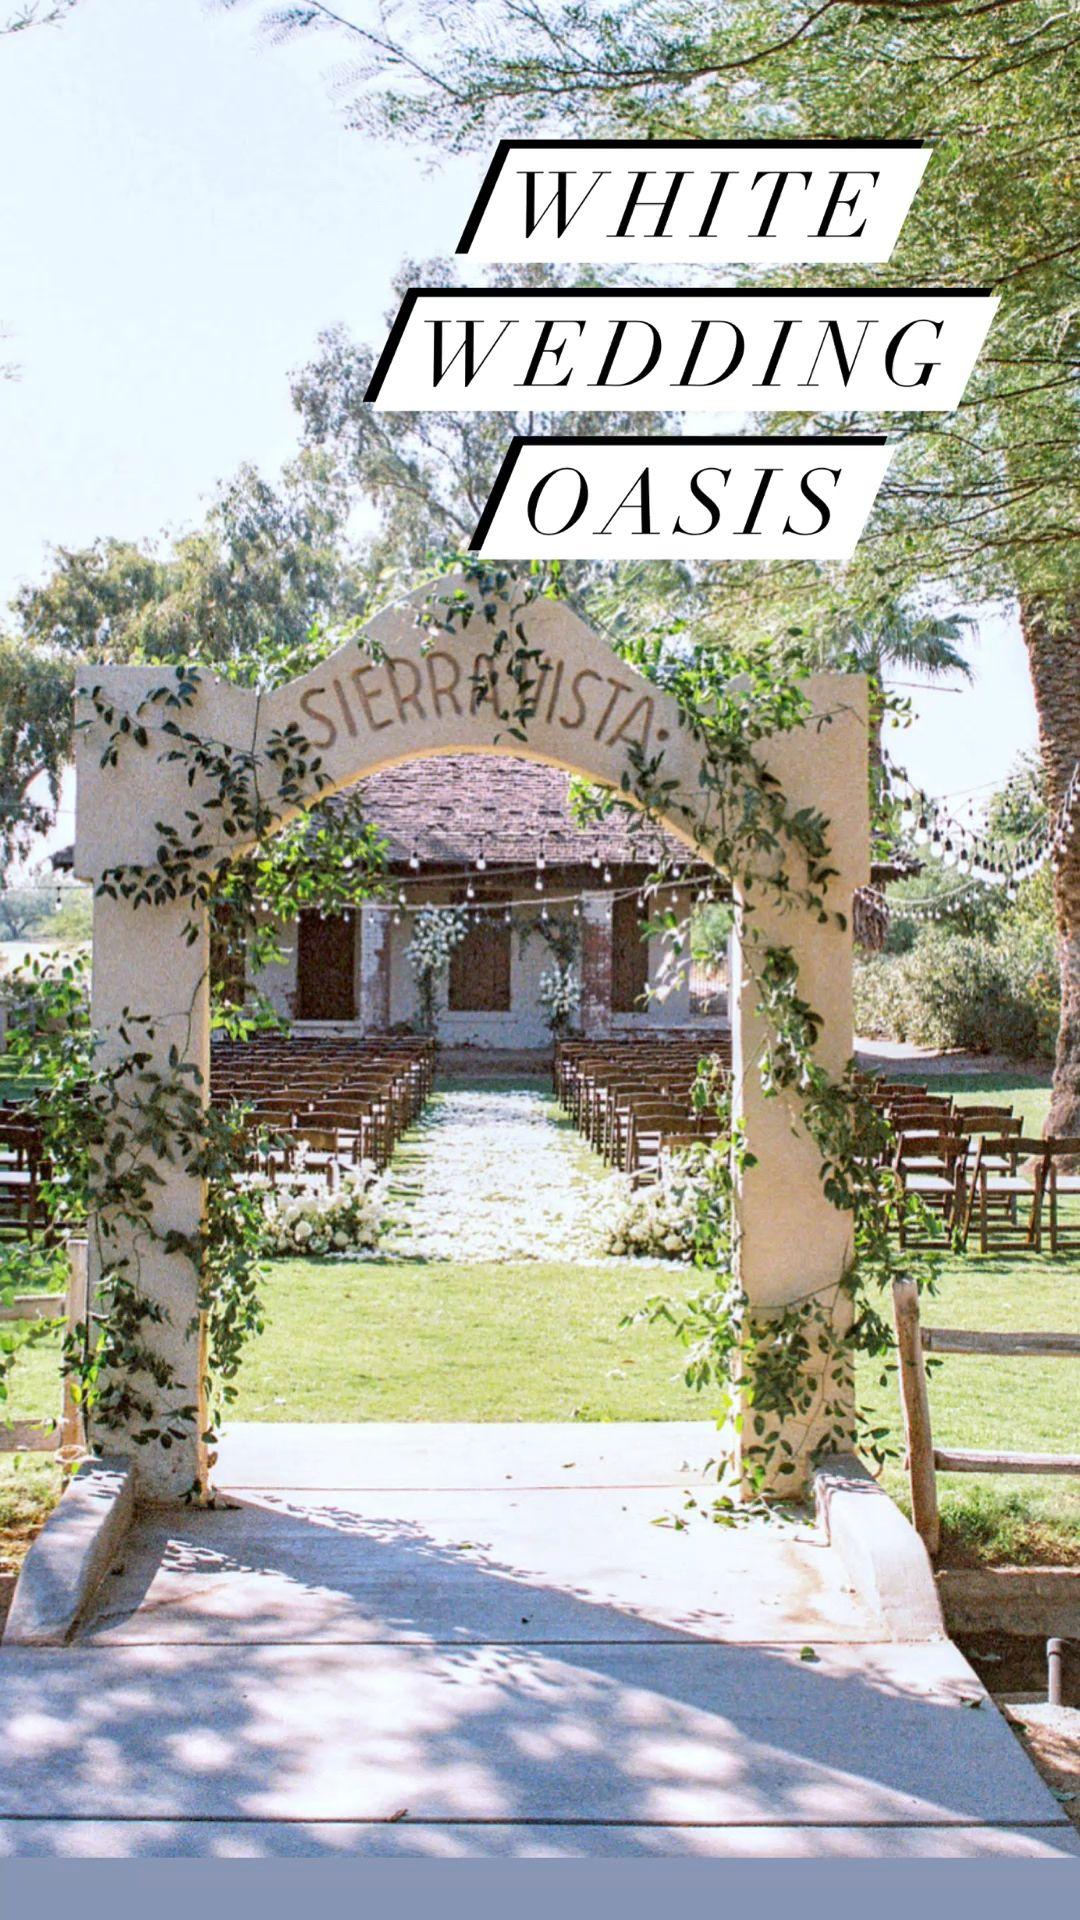 White Wedding Oasis